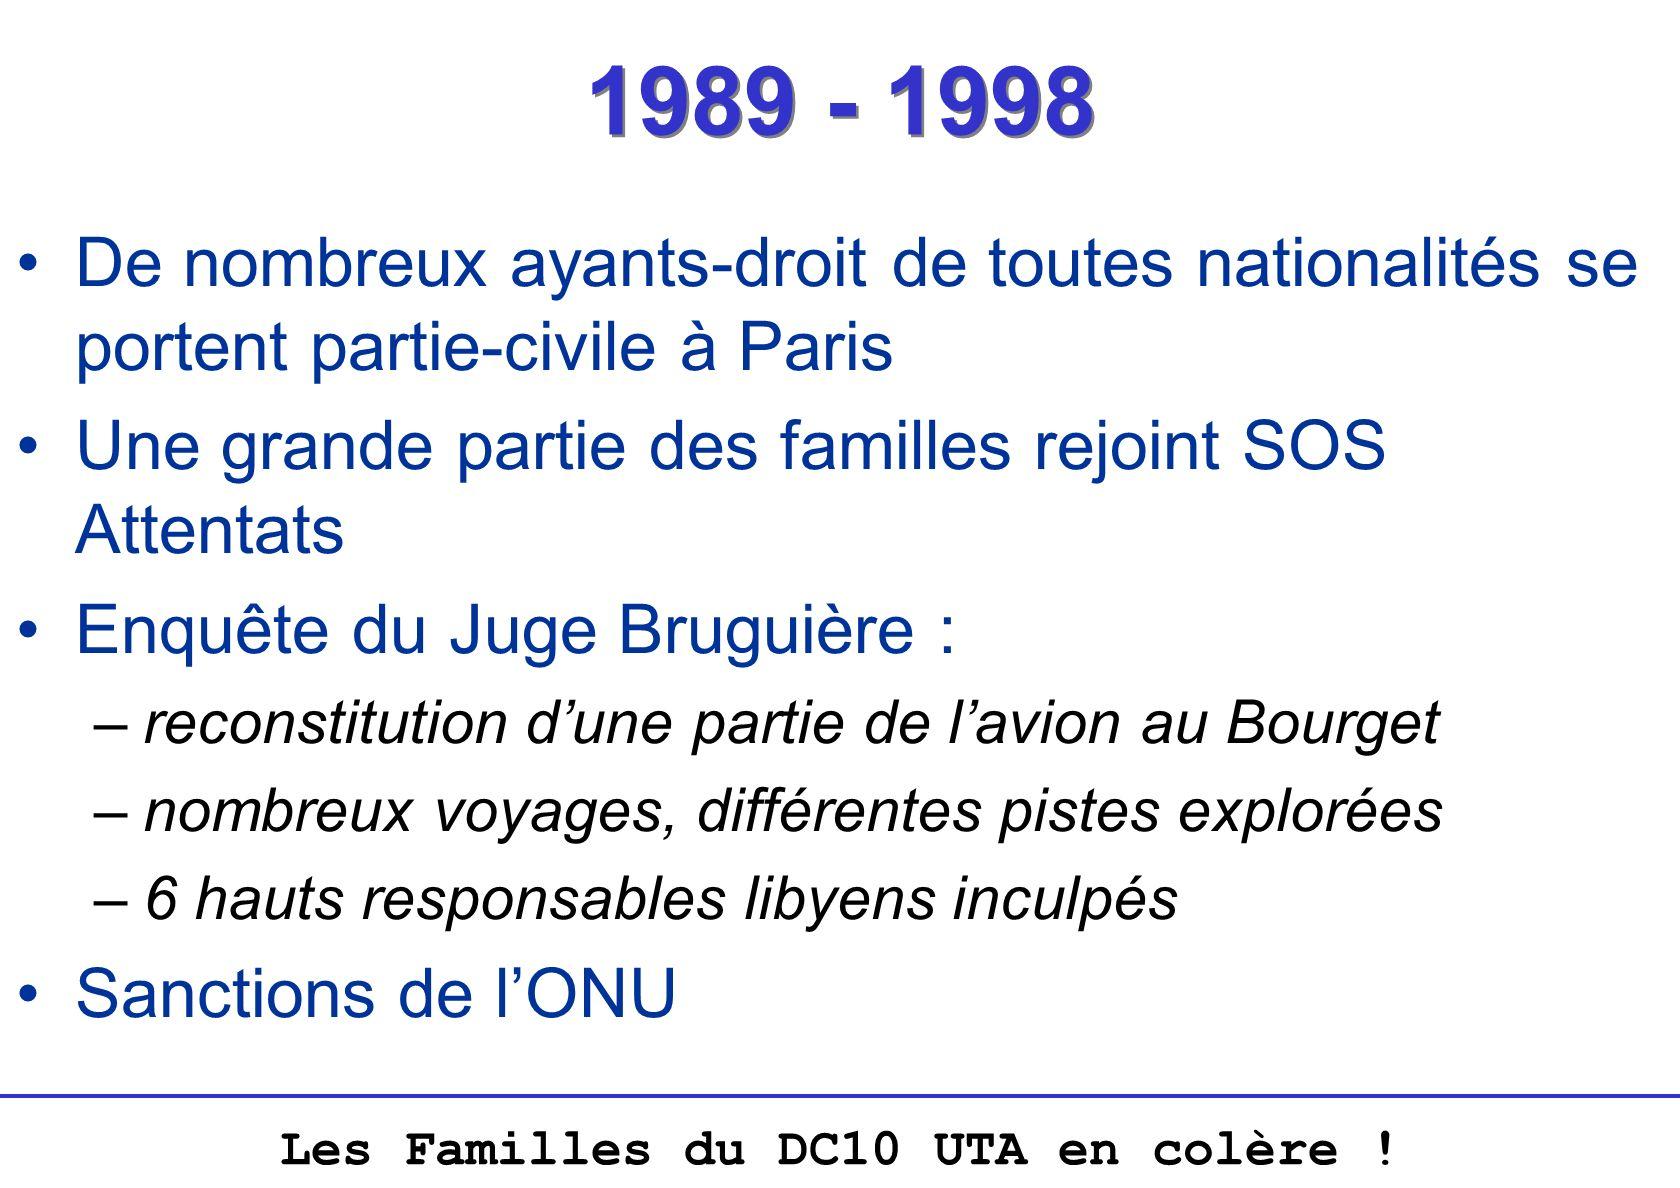 1989 - 1998 De nombreux ayants-droit de toutes nationalités se portent partie-civile à Paris. Une grande partie des familles rejoint SOS Attentats.